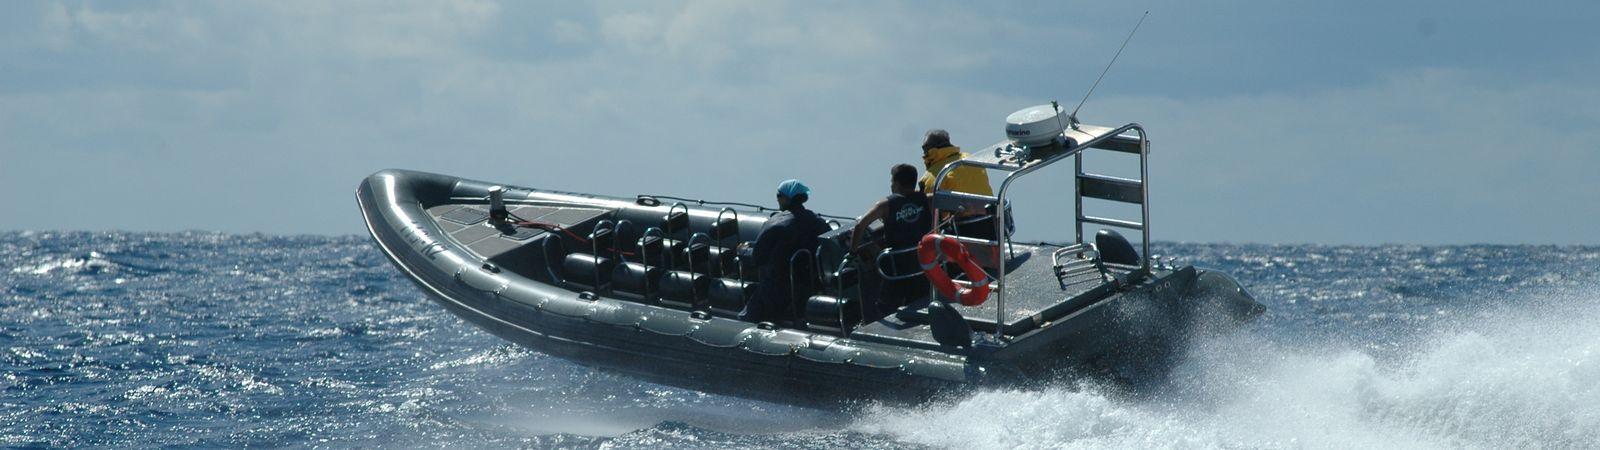 yacht-slider-3